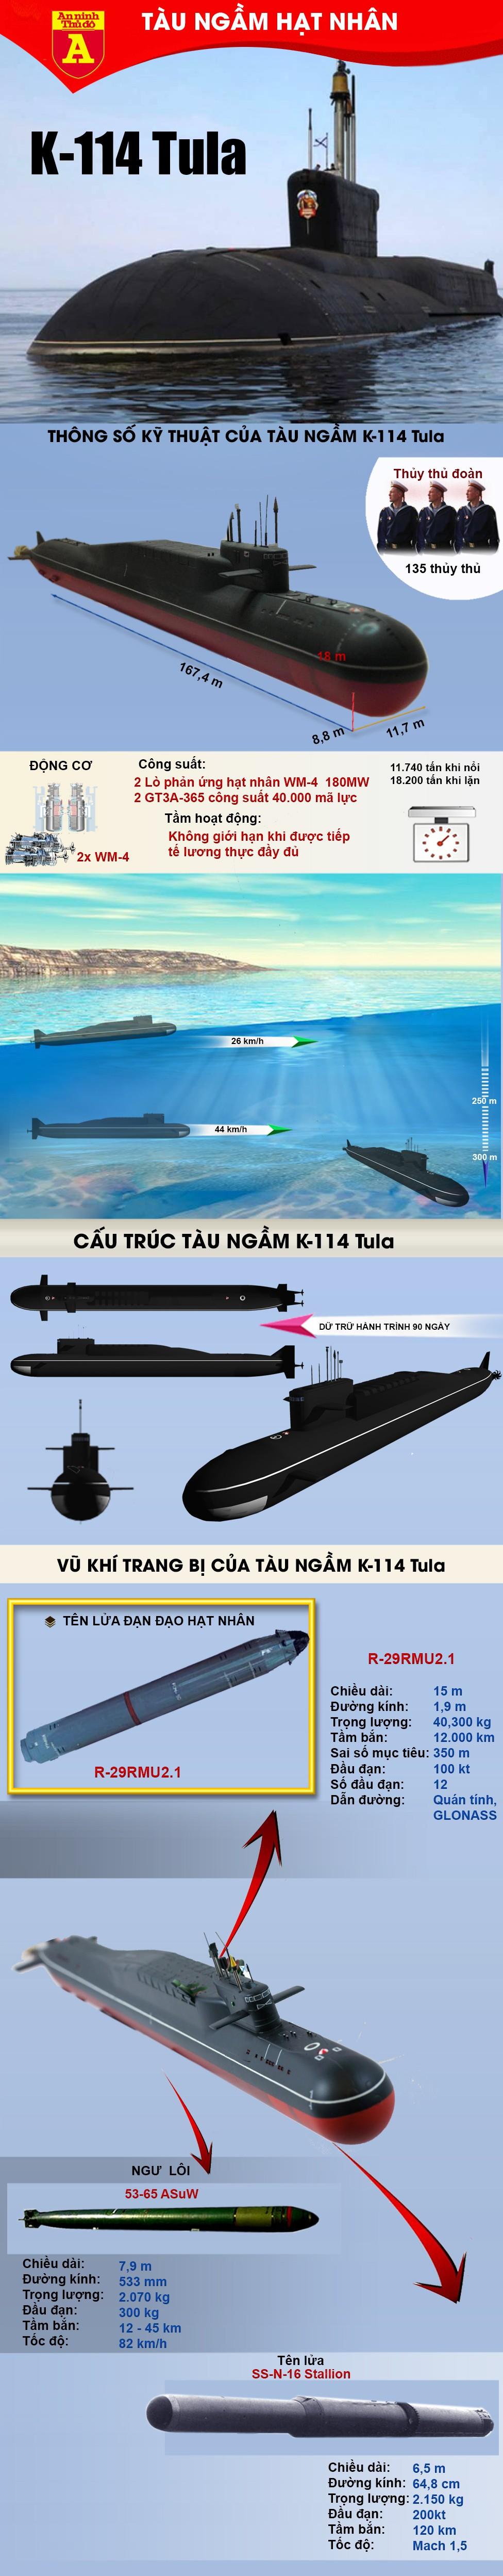 [Infographic] Nga biên chế tàu ngầm hạt nhân có thể hủy diệt một quốc gia giữa căng thẳng tại Syria ảnh 2